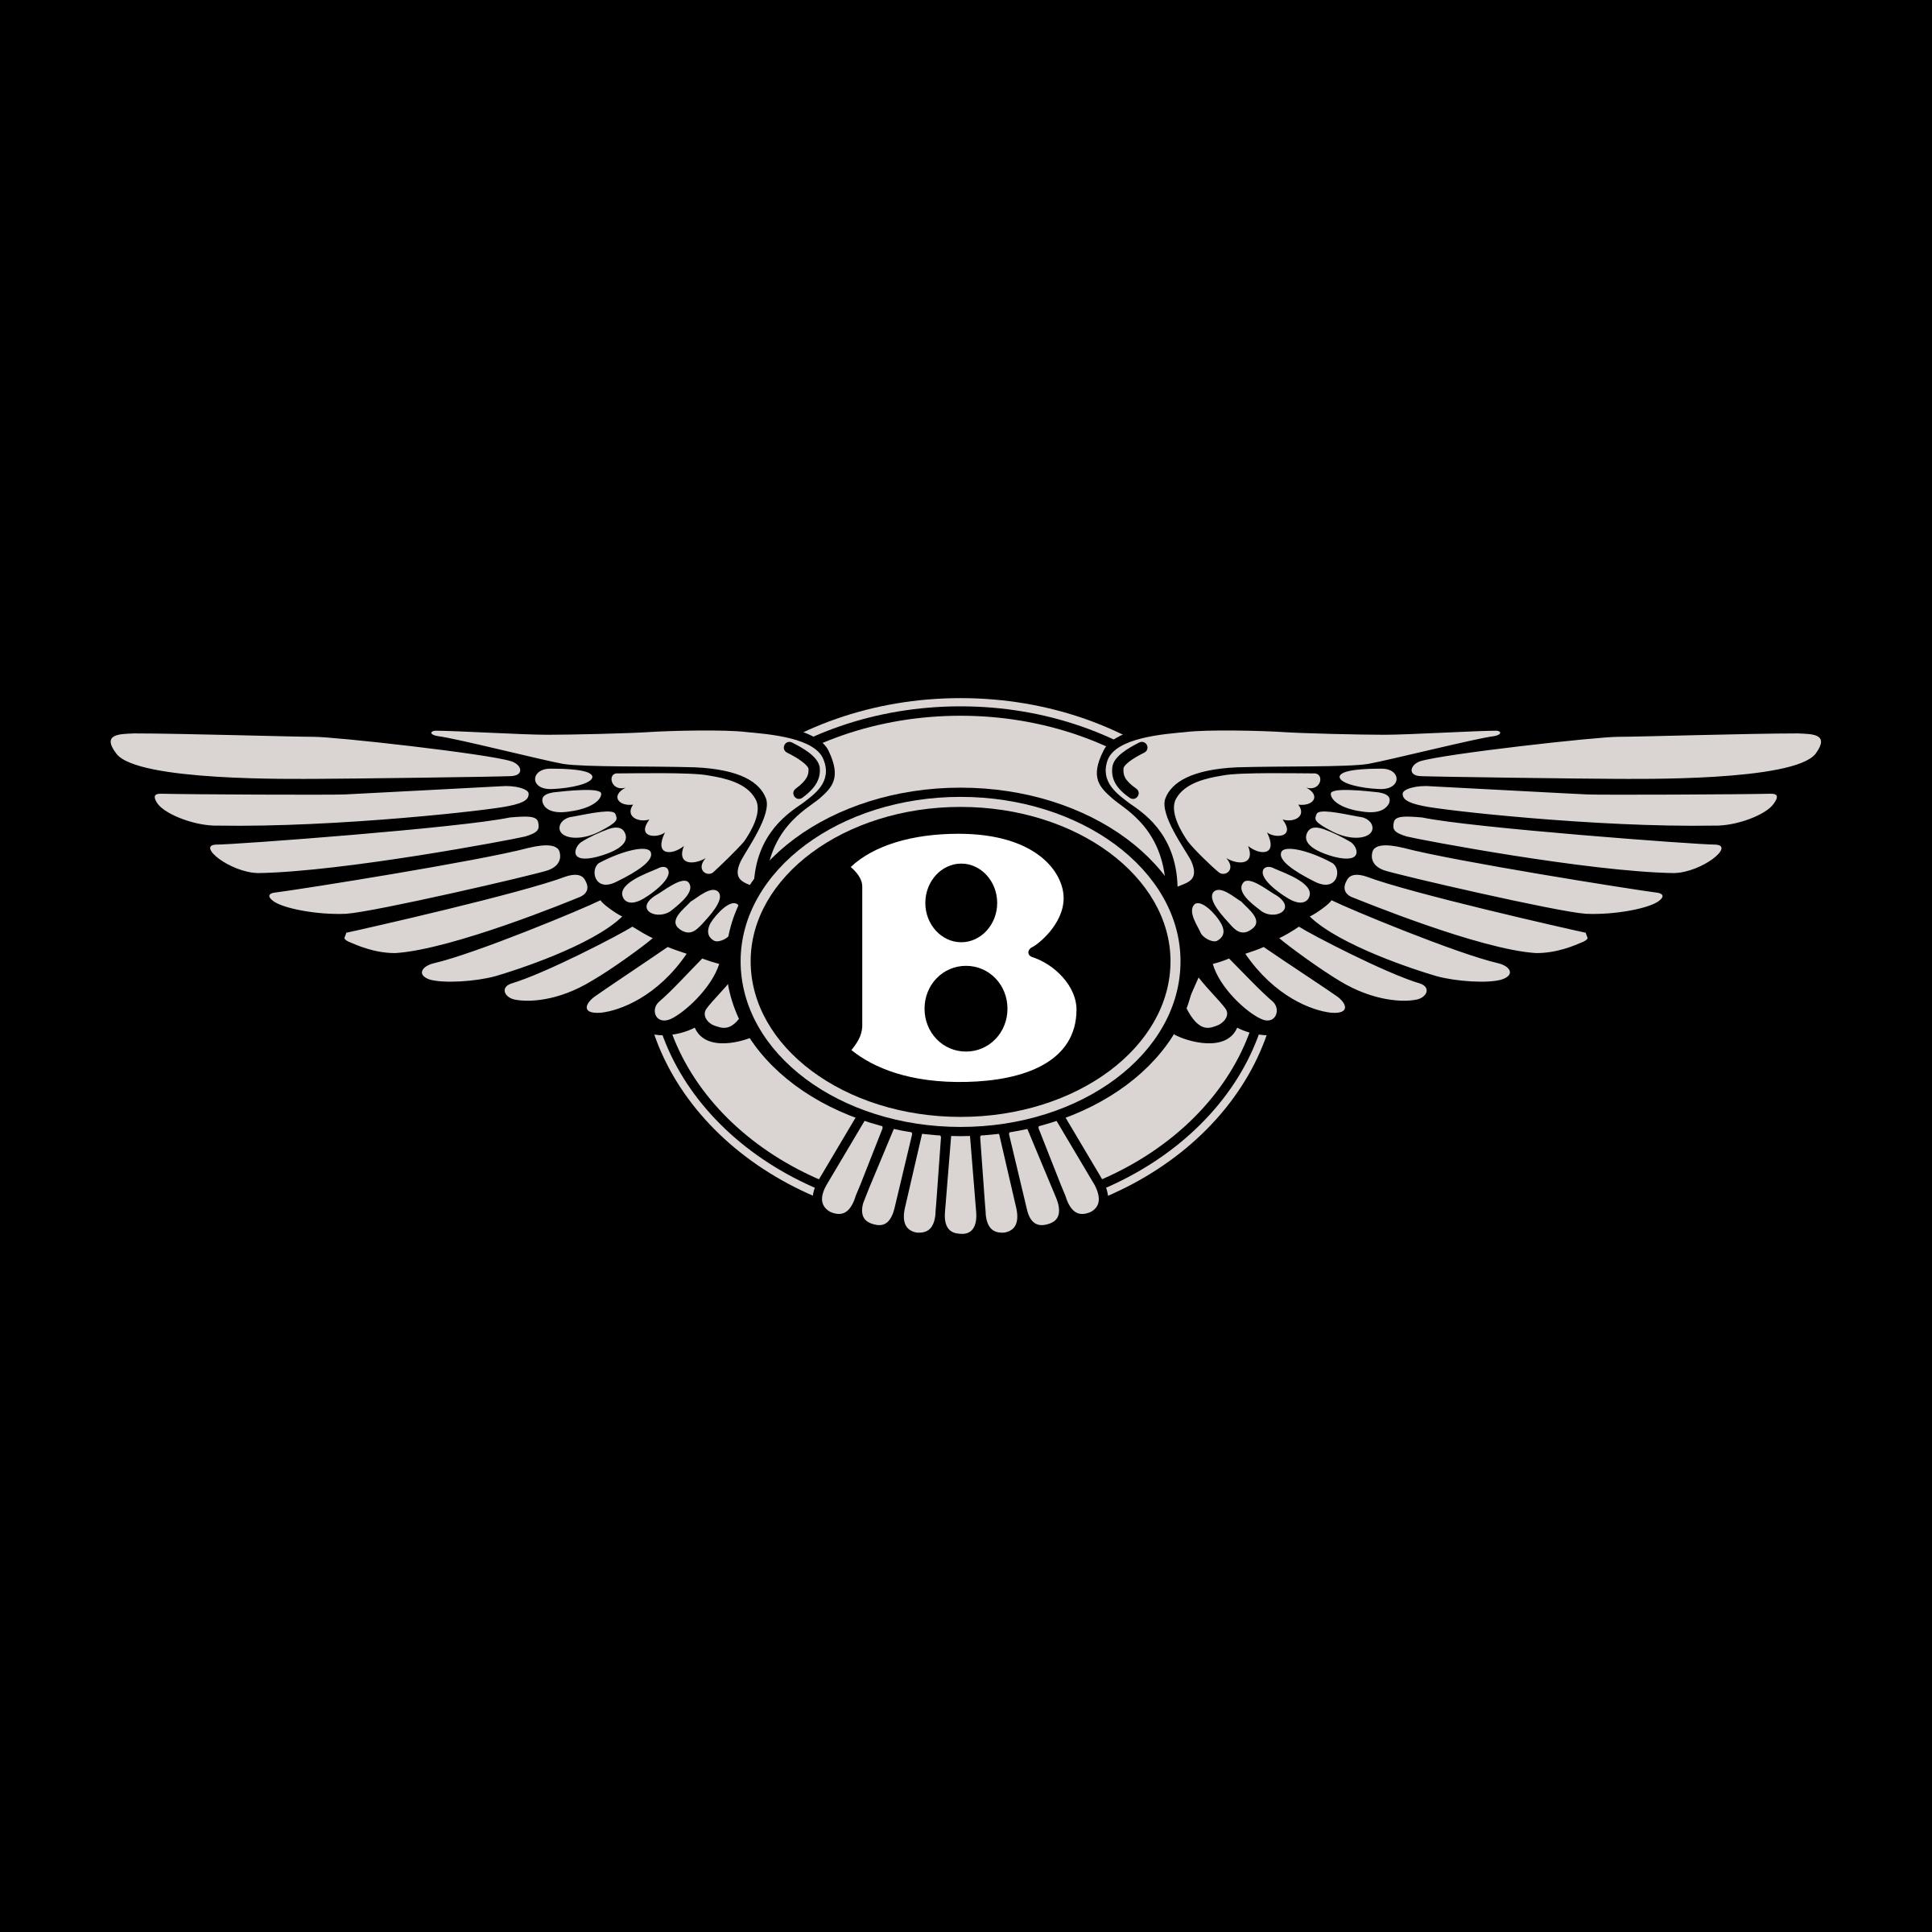 Bentley logo png